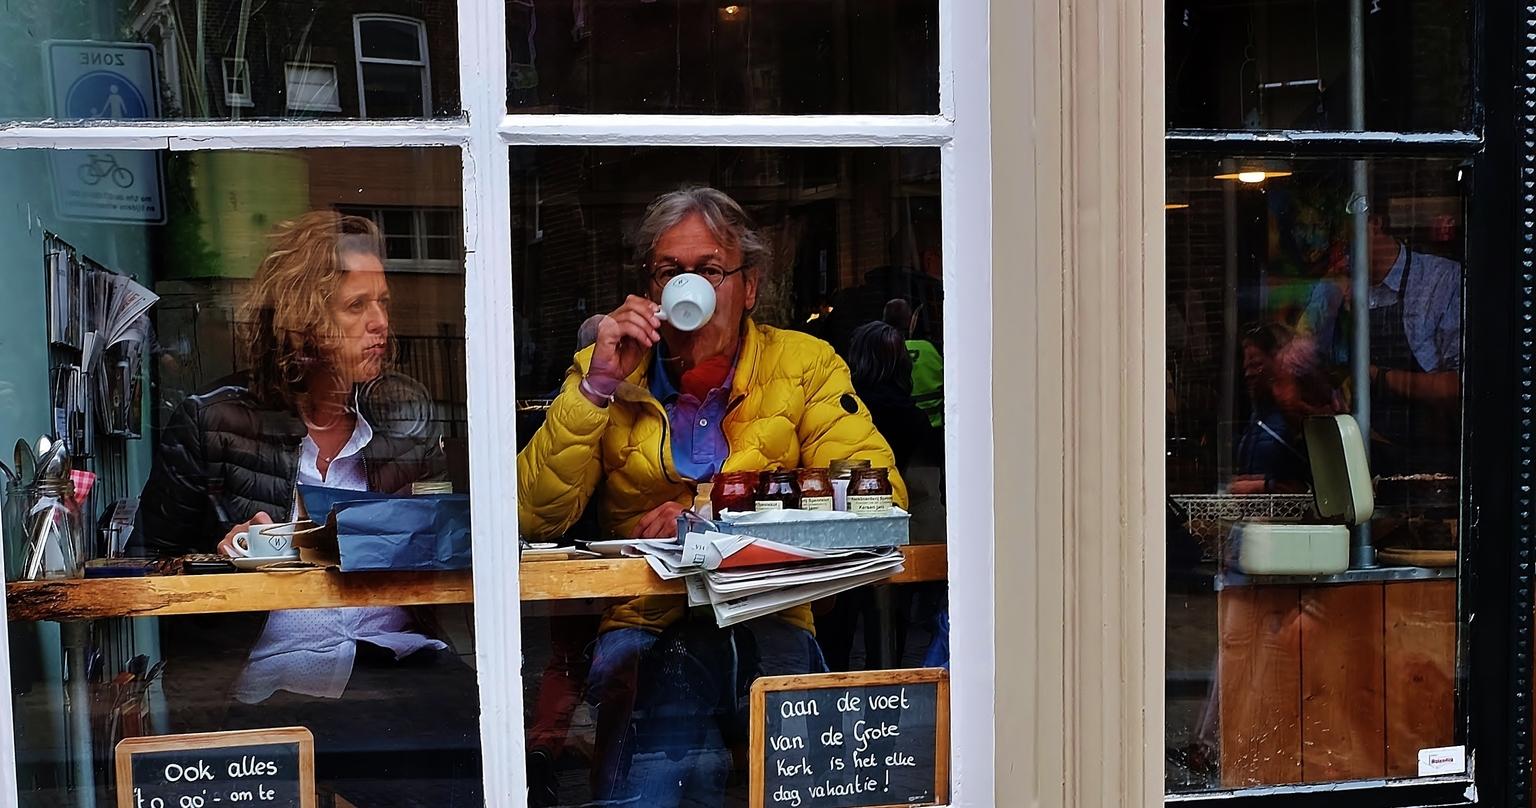 Nobels Brood.... - .... Lunch en koffie corner - foto door f.arts1 op 11-04-2021 - locatie: Grotekerksbuurt, 3311 CA Dordrecht, Nederland - deze foto bevat: microfoon, brillen, evenement, publicatie, vrije tijd, gesprek, zitten, job, kamer, stad